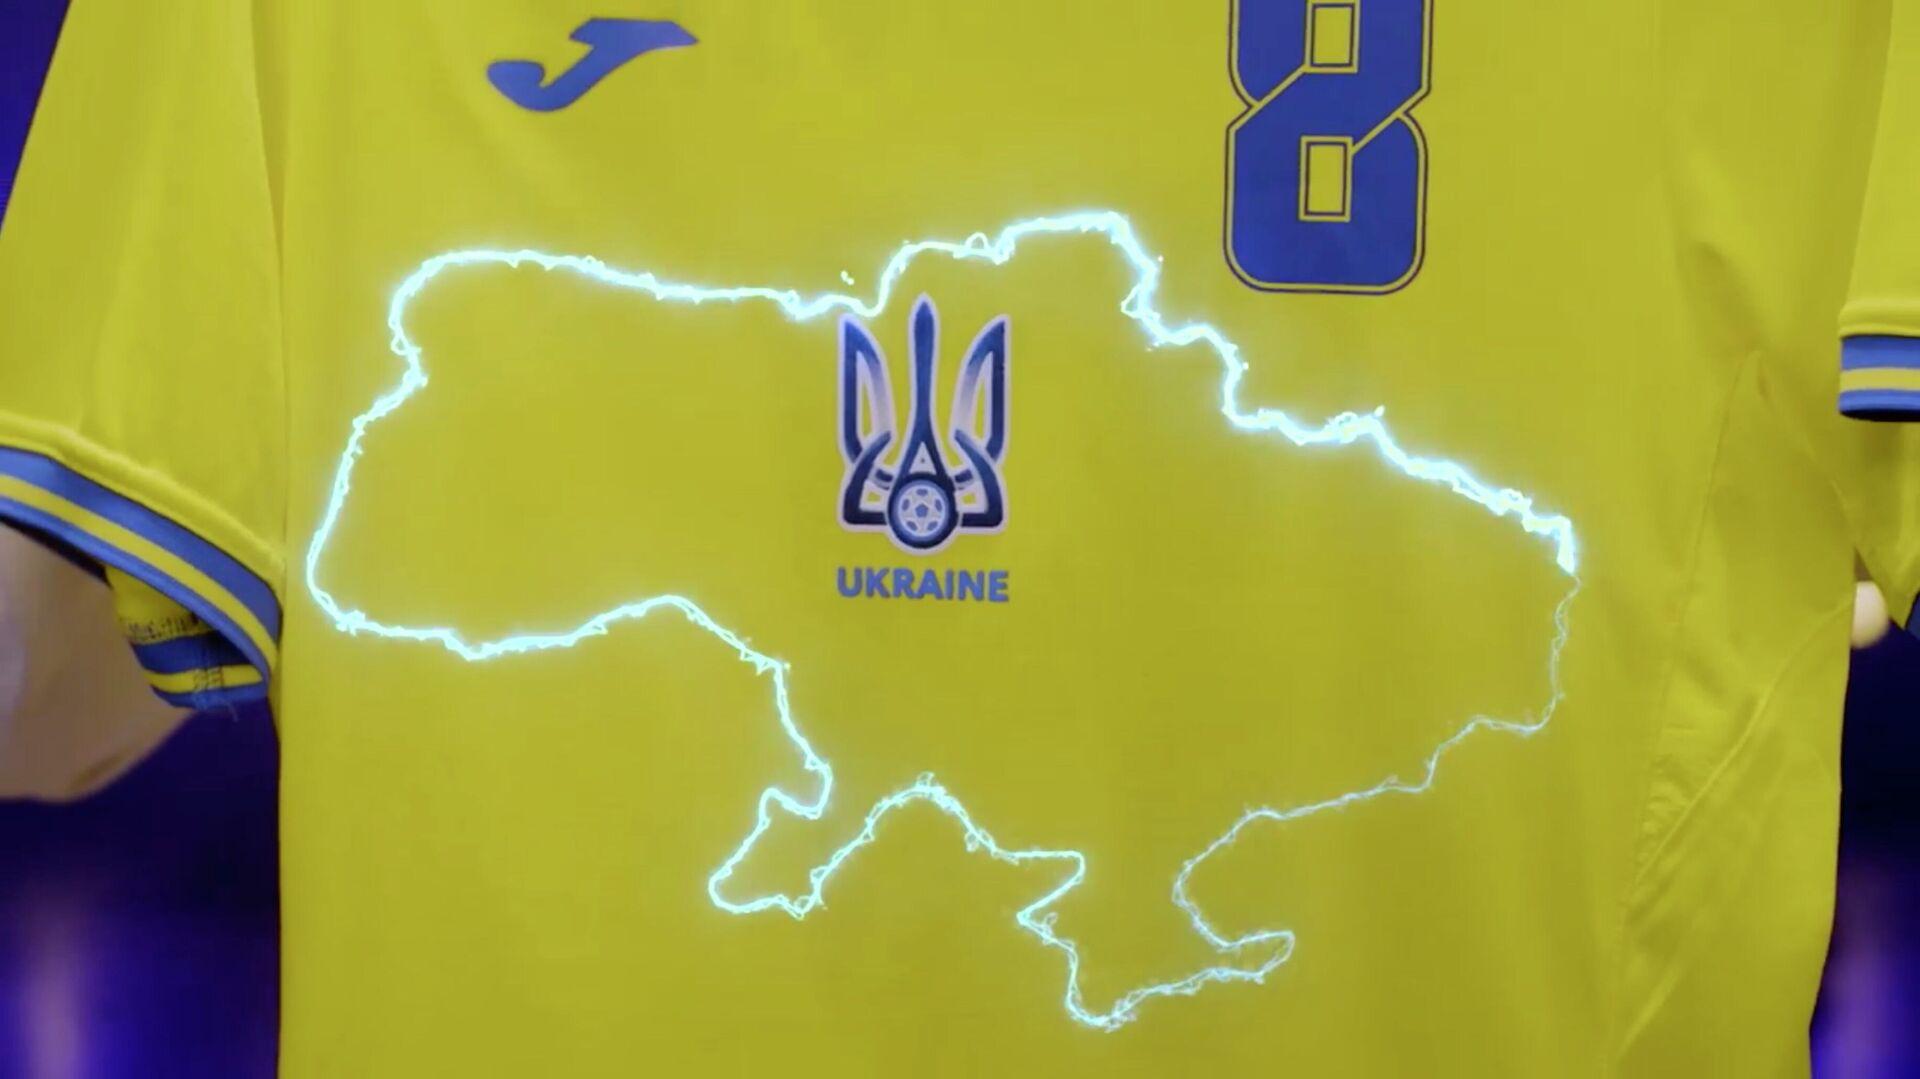 Форма сборной Украины по футболу на ЕВРО-2020 - РИА Новости, 1920, 14.06.2021